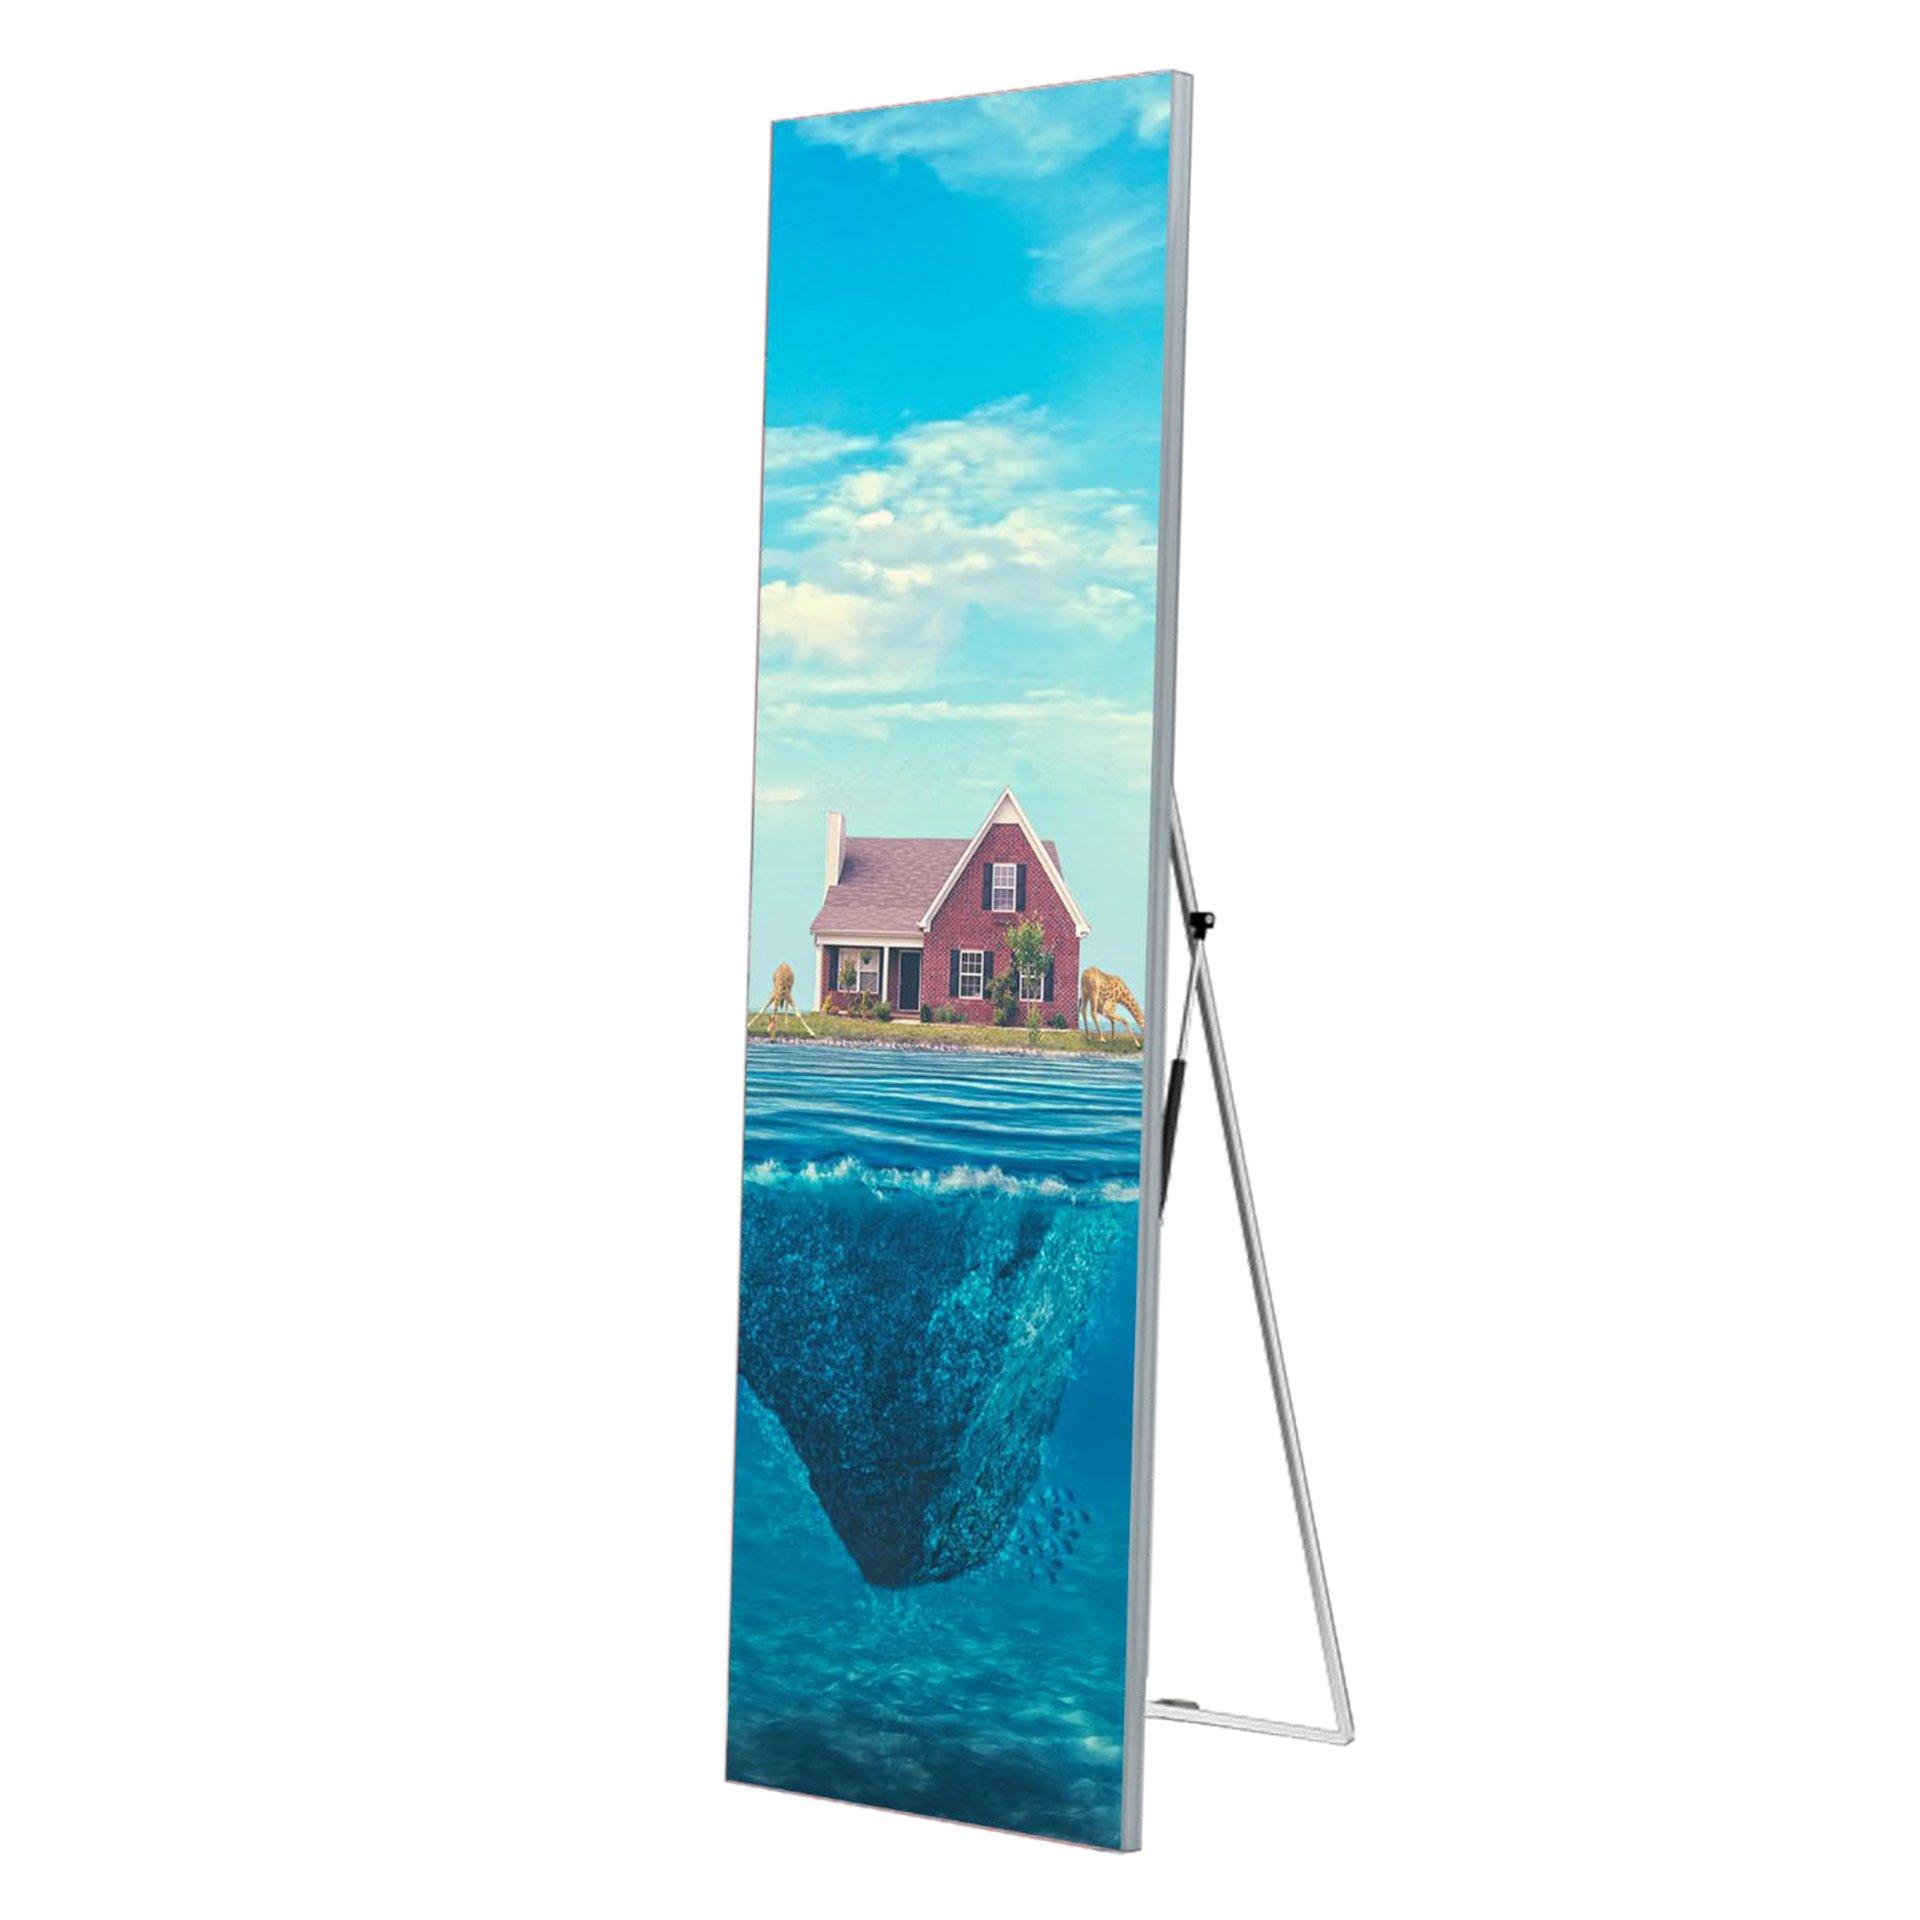 Digital poster led - Ledwall display - Roma, Milano, Firenze, Napoli, Palermo, Venezia, Torino, Bologna, Genova, Bari